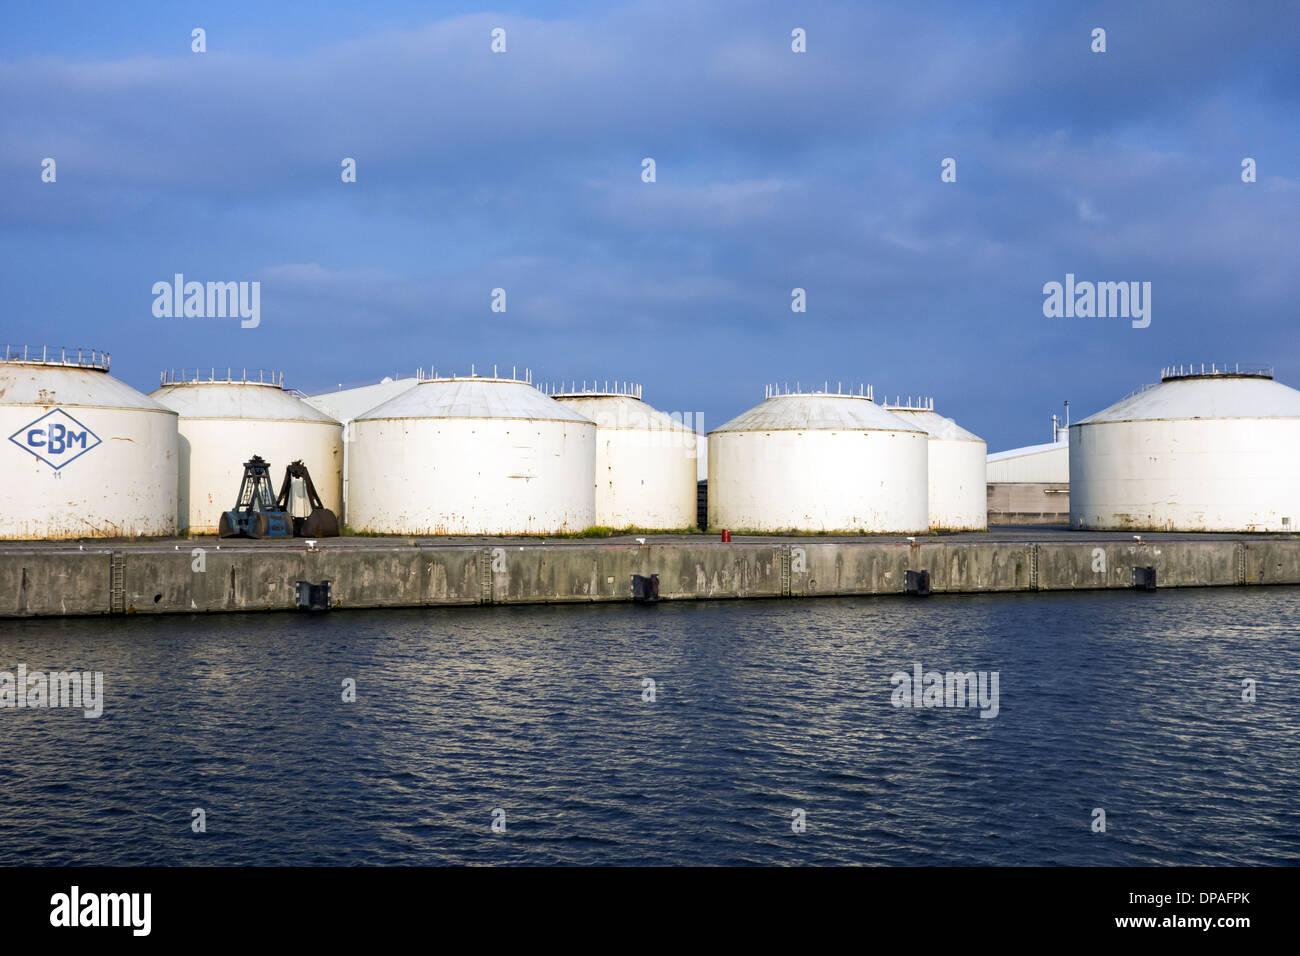 Les silos de stockage en vrac de la Compagnie Belge de Manutention / M3 / Sea-Invest au port de Gand, Flandre orientale, Belgique Photo Stock